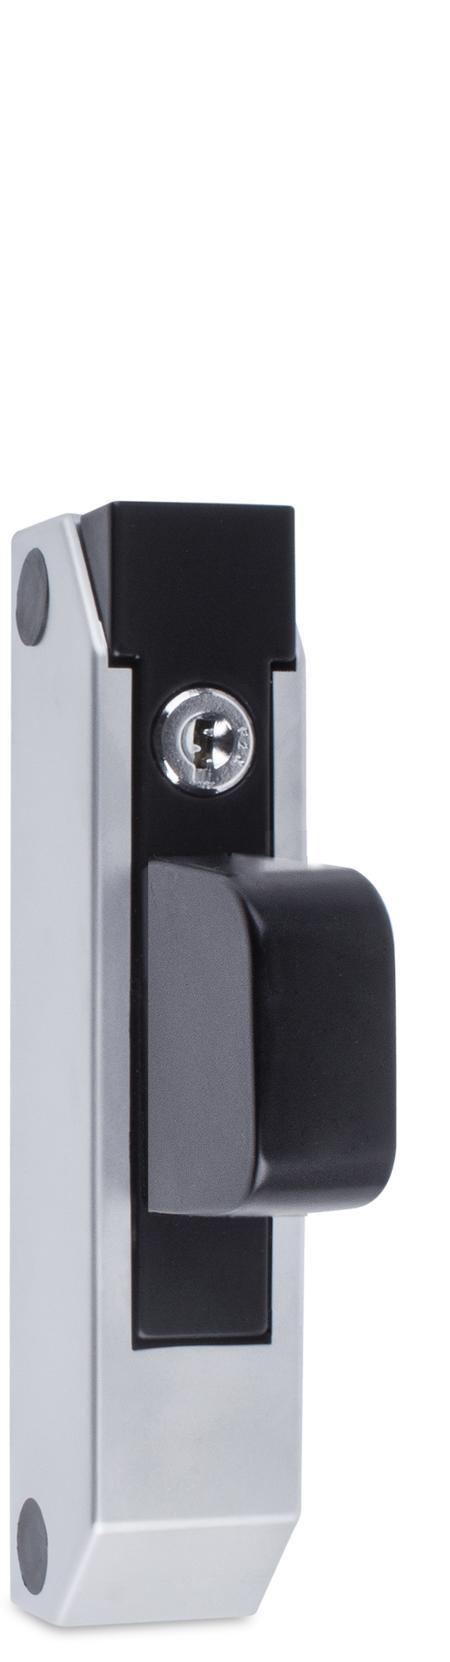 Schubladenverschluss Zink-Druckguss, EPS beschichtet schwarz RAL 9005, Kappe Kunststoff, matt verchromt, mit Zylinder, mit 2 Schlüsseln, verschiedenschließend, seitliche Montage, Höhe Halterung 29 mm